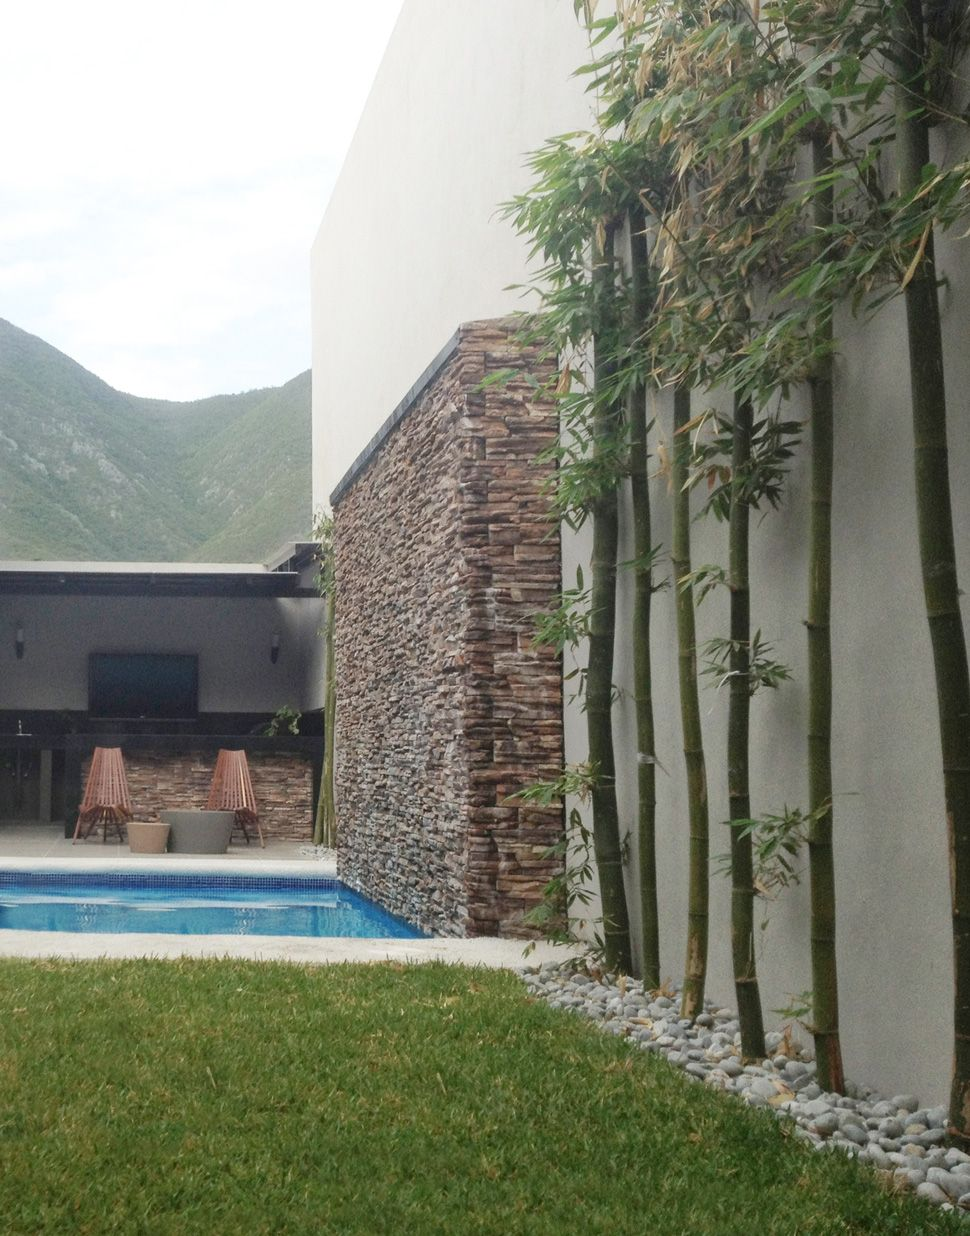 Jard n con sala techada alberca muro llor n y asador for Decoracion exterior jardin